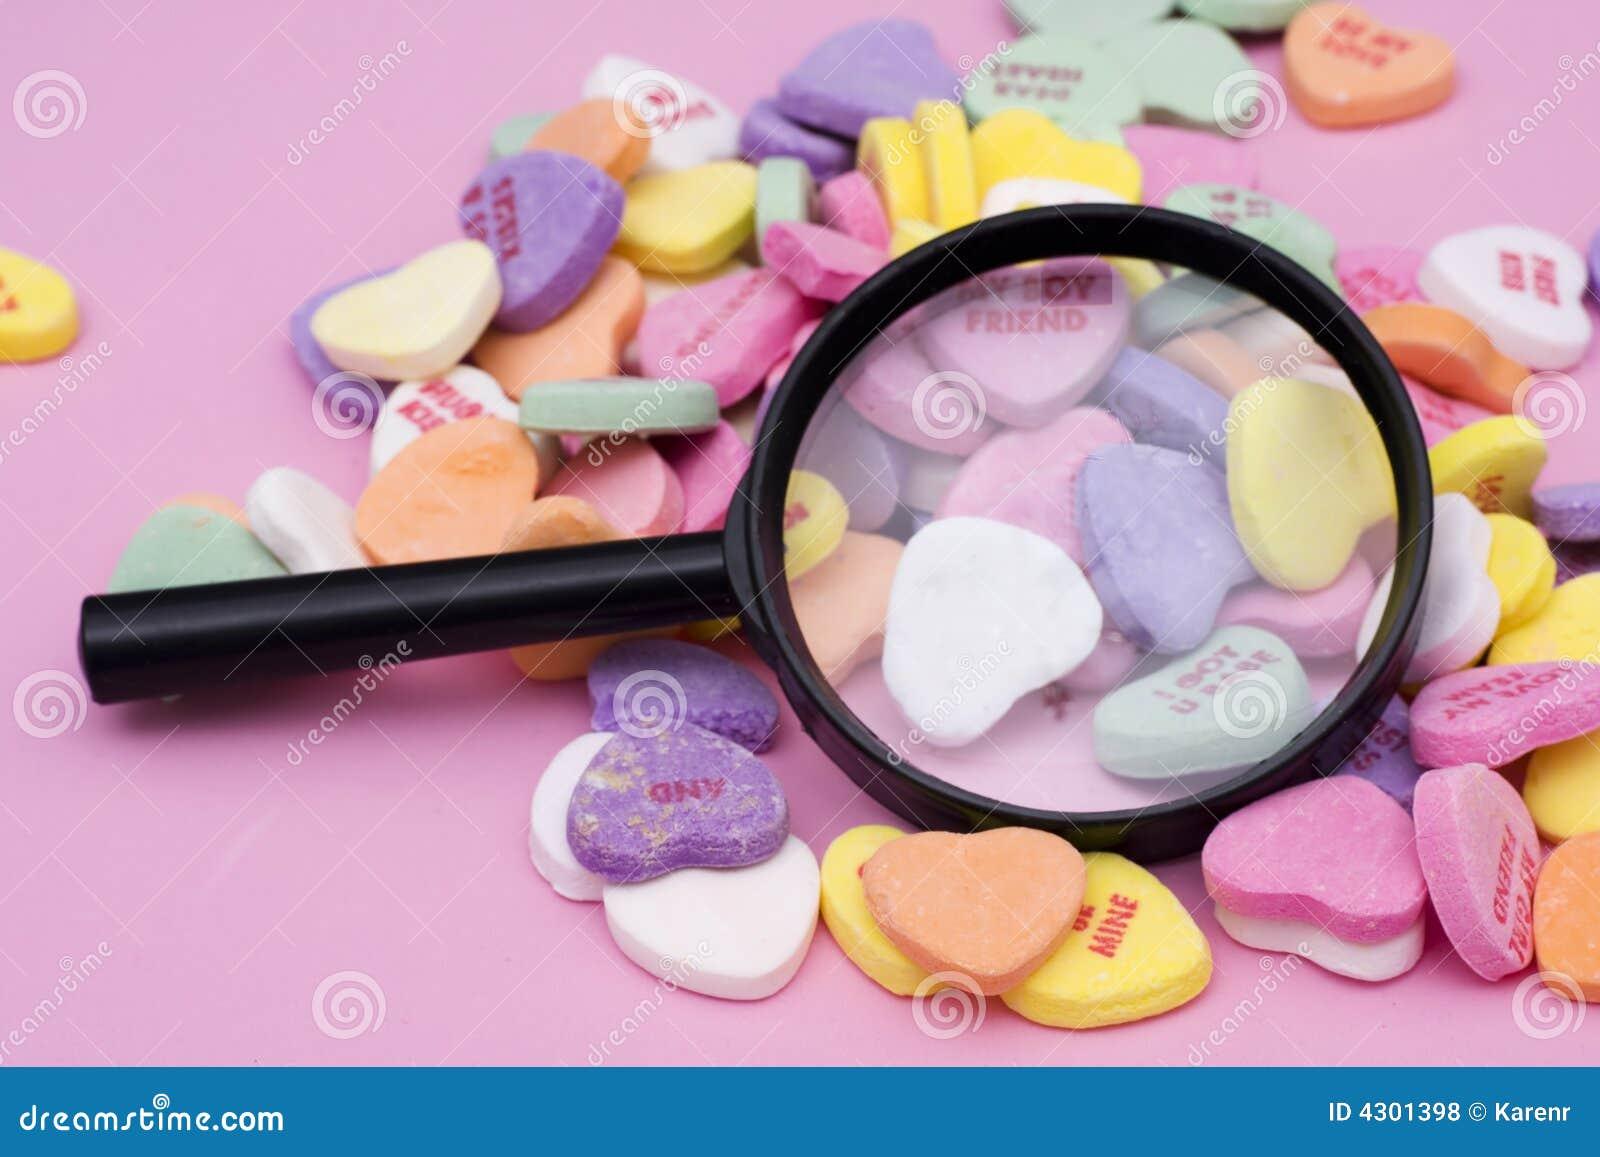 Suchen nach Liebe